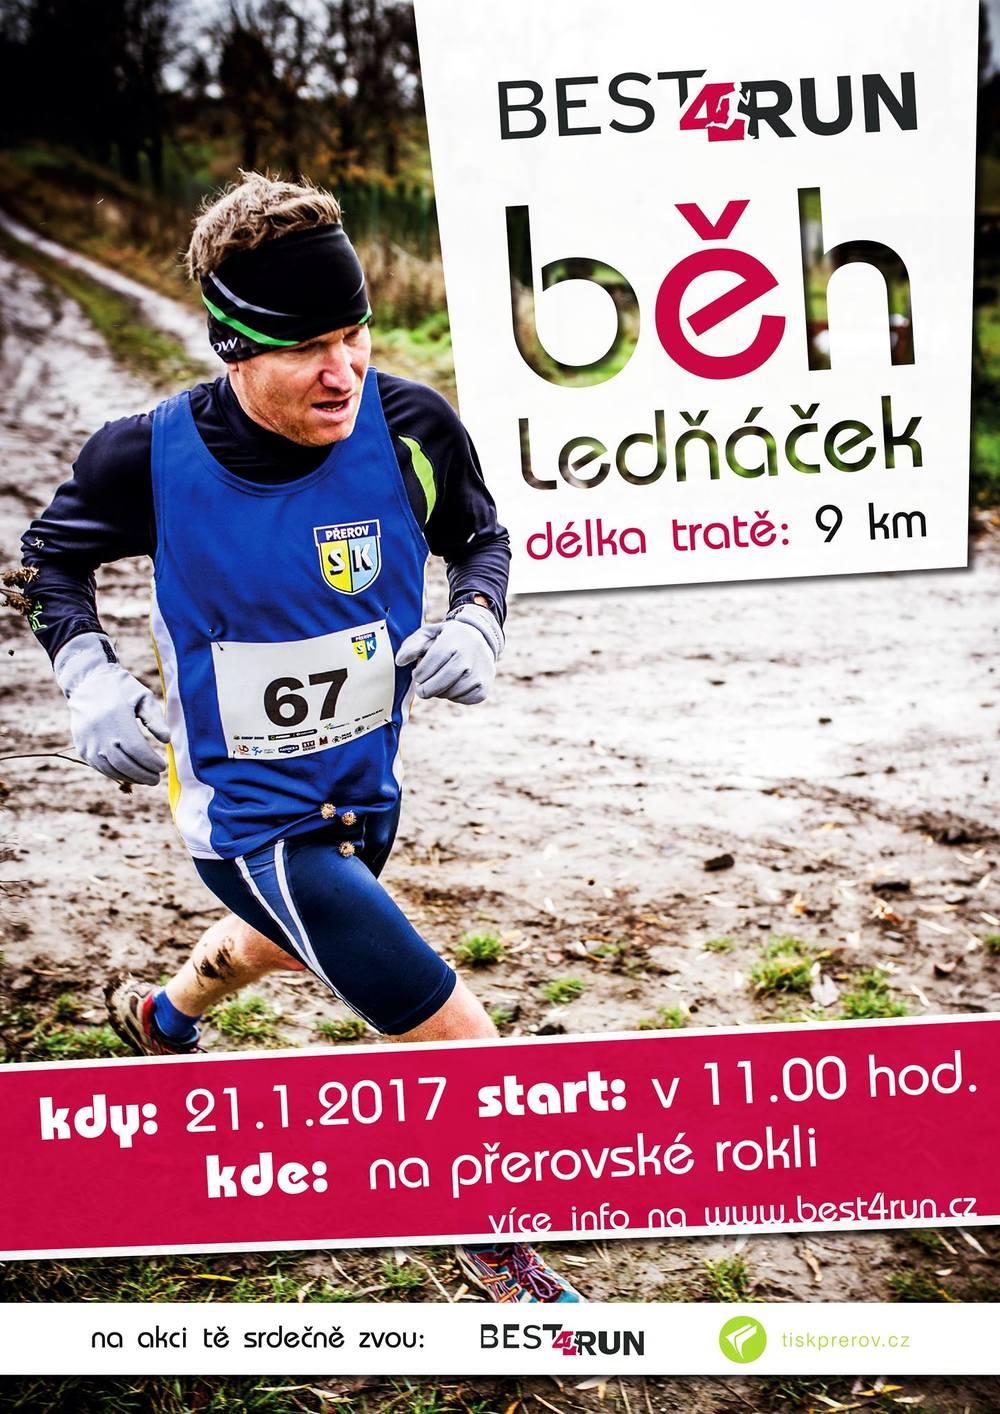 Závod Ledňáček s Best4Run bude 21. ledna na rokli